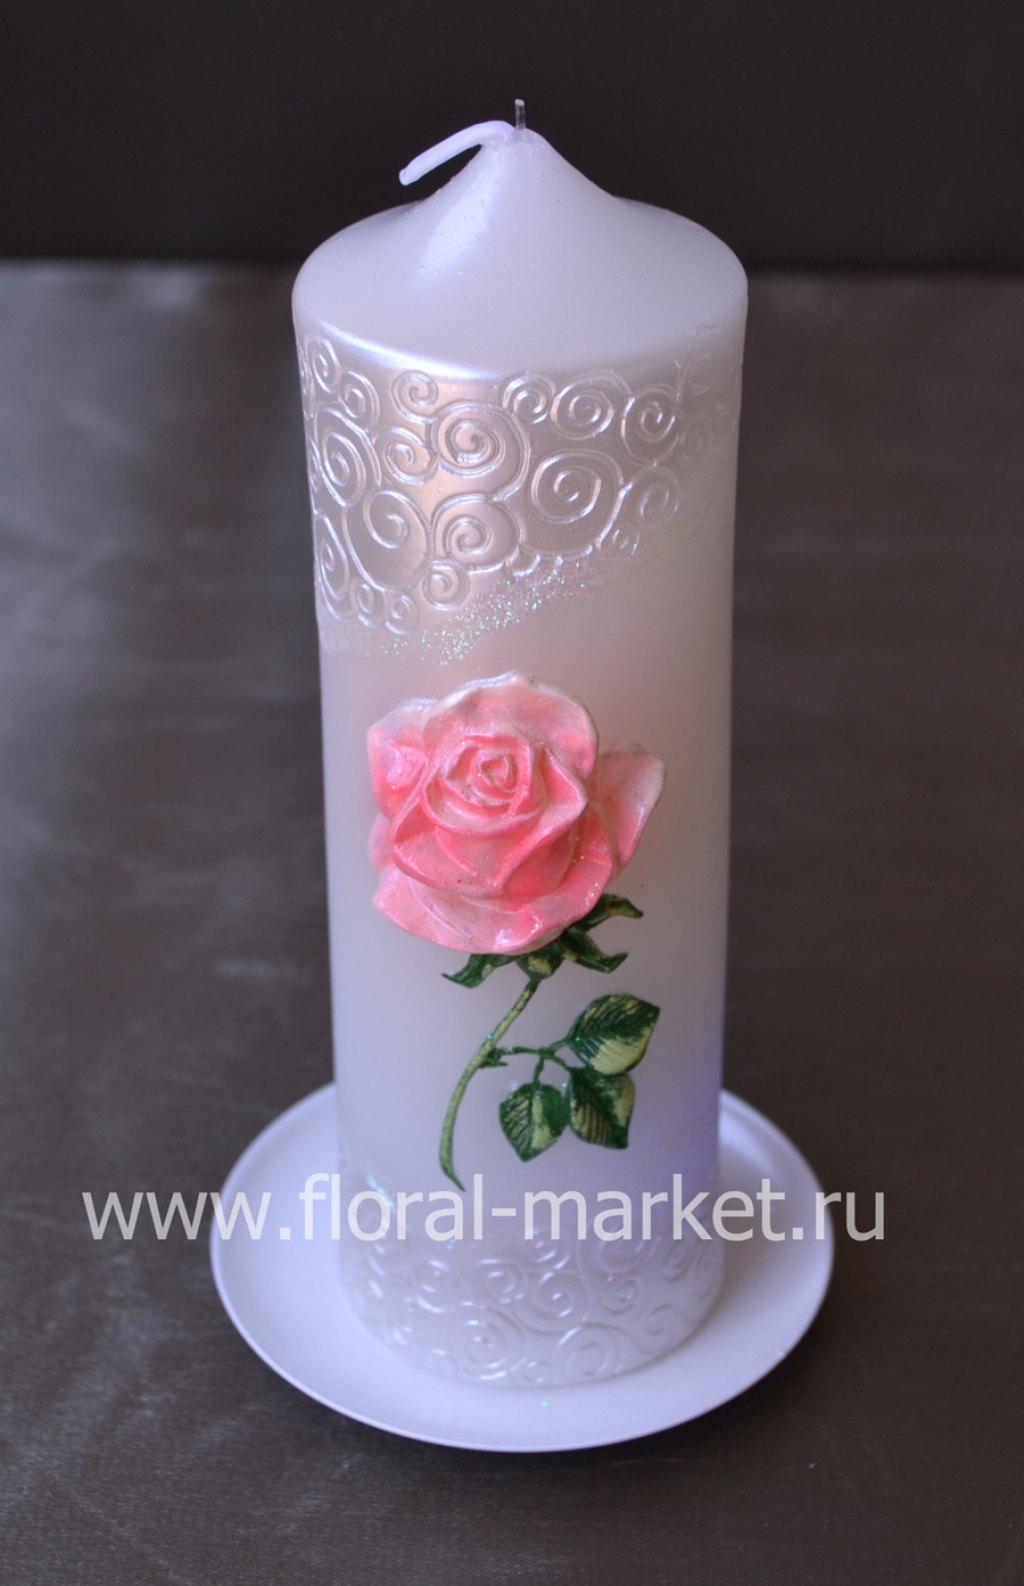 С9216 Свеча мигающая хамелеон пенек роза